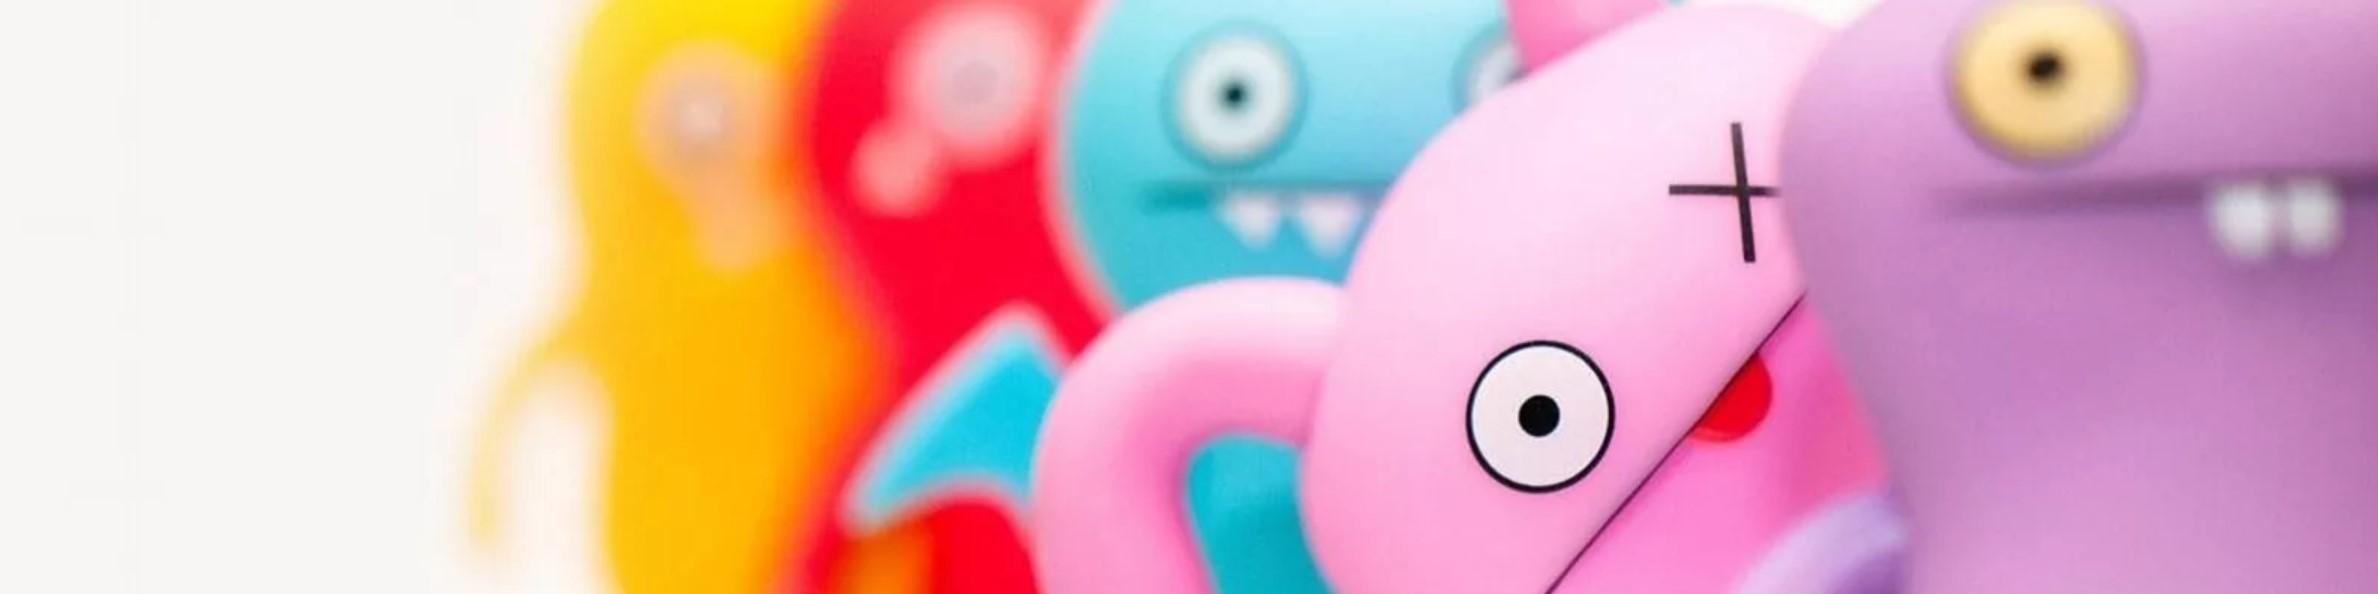 Игрушки для детей и все для досуга и хобби с алиэкспресс